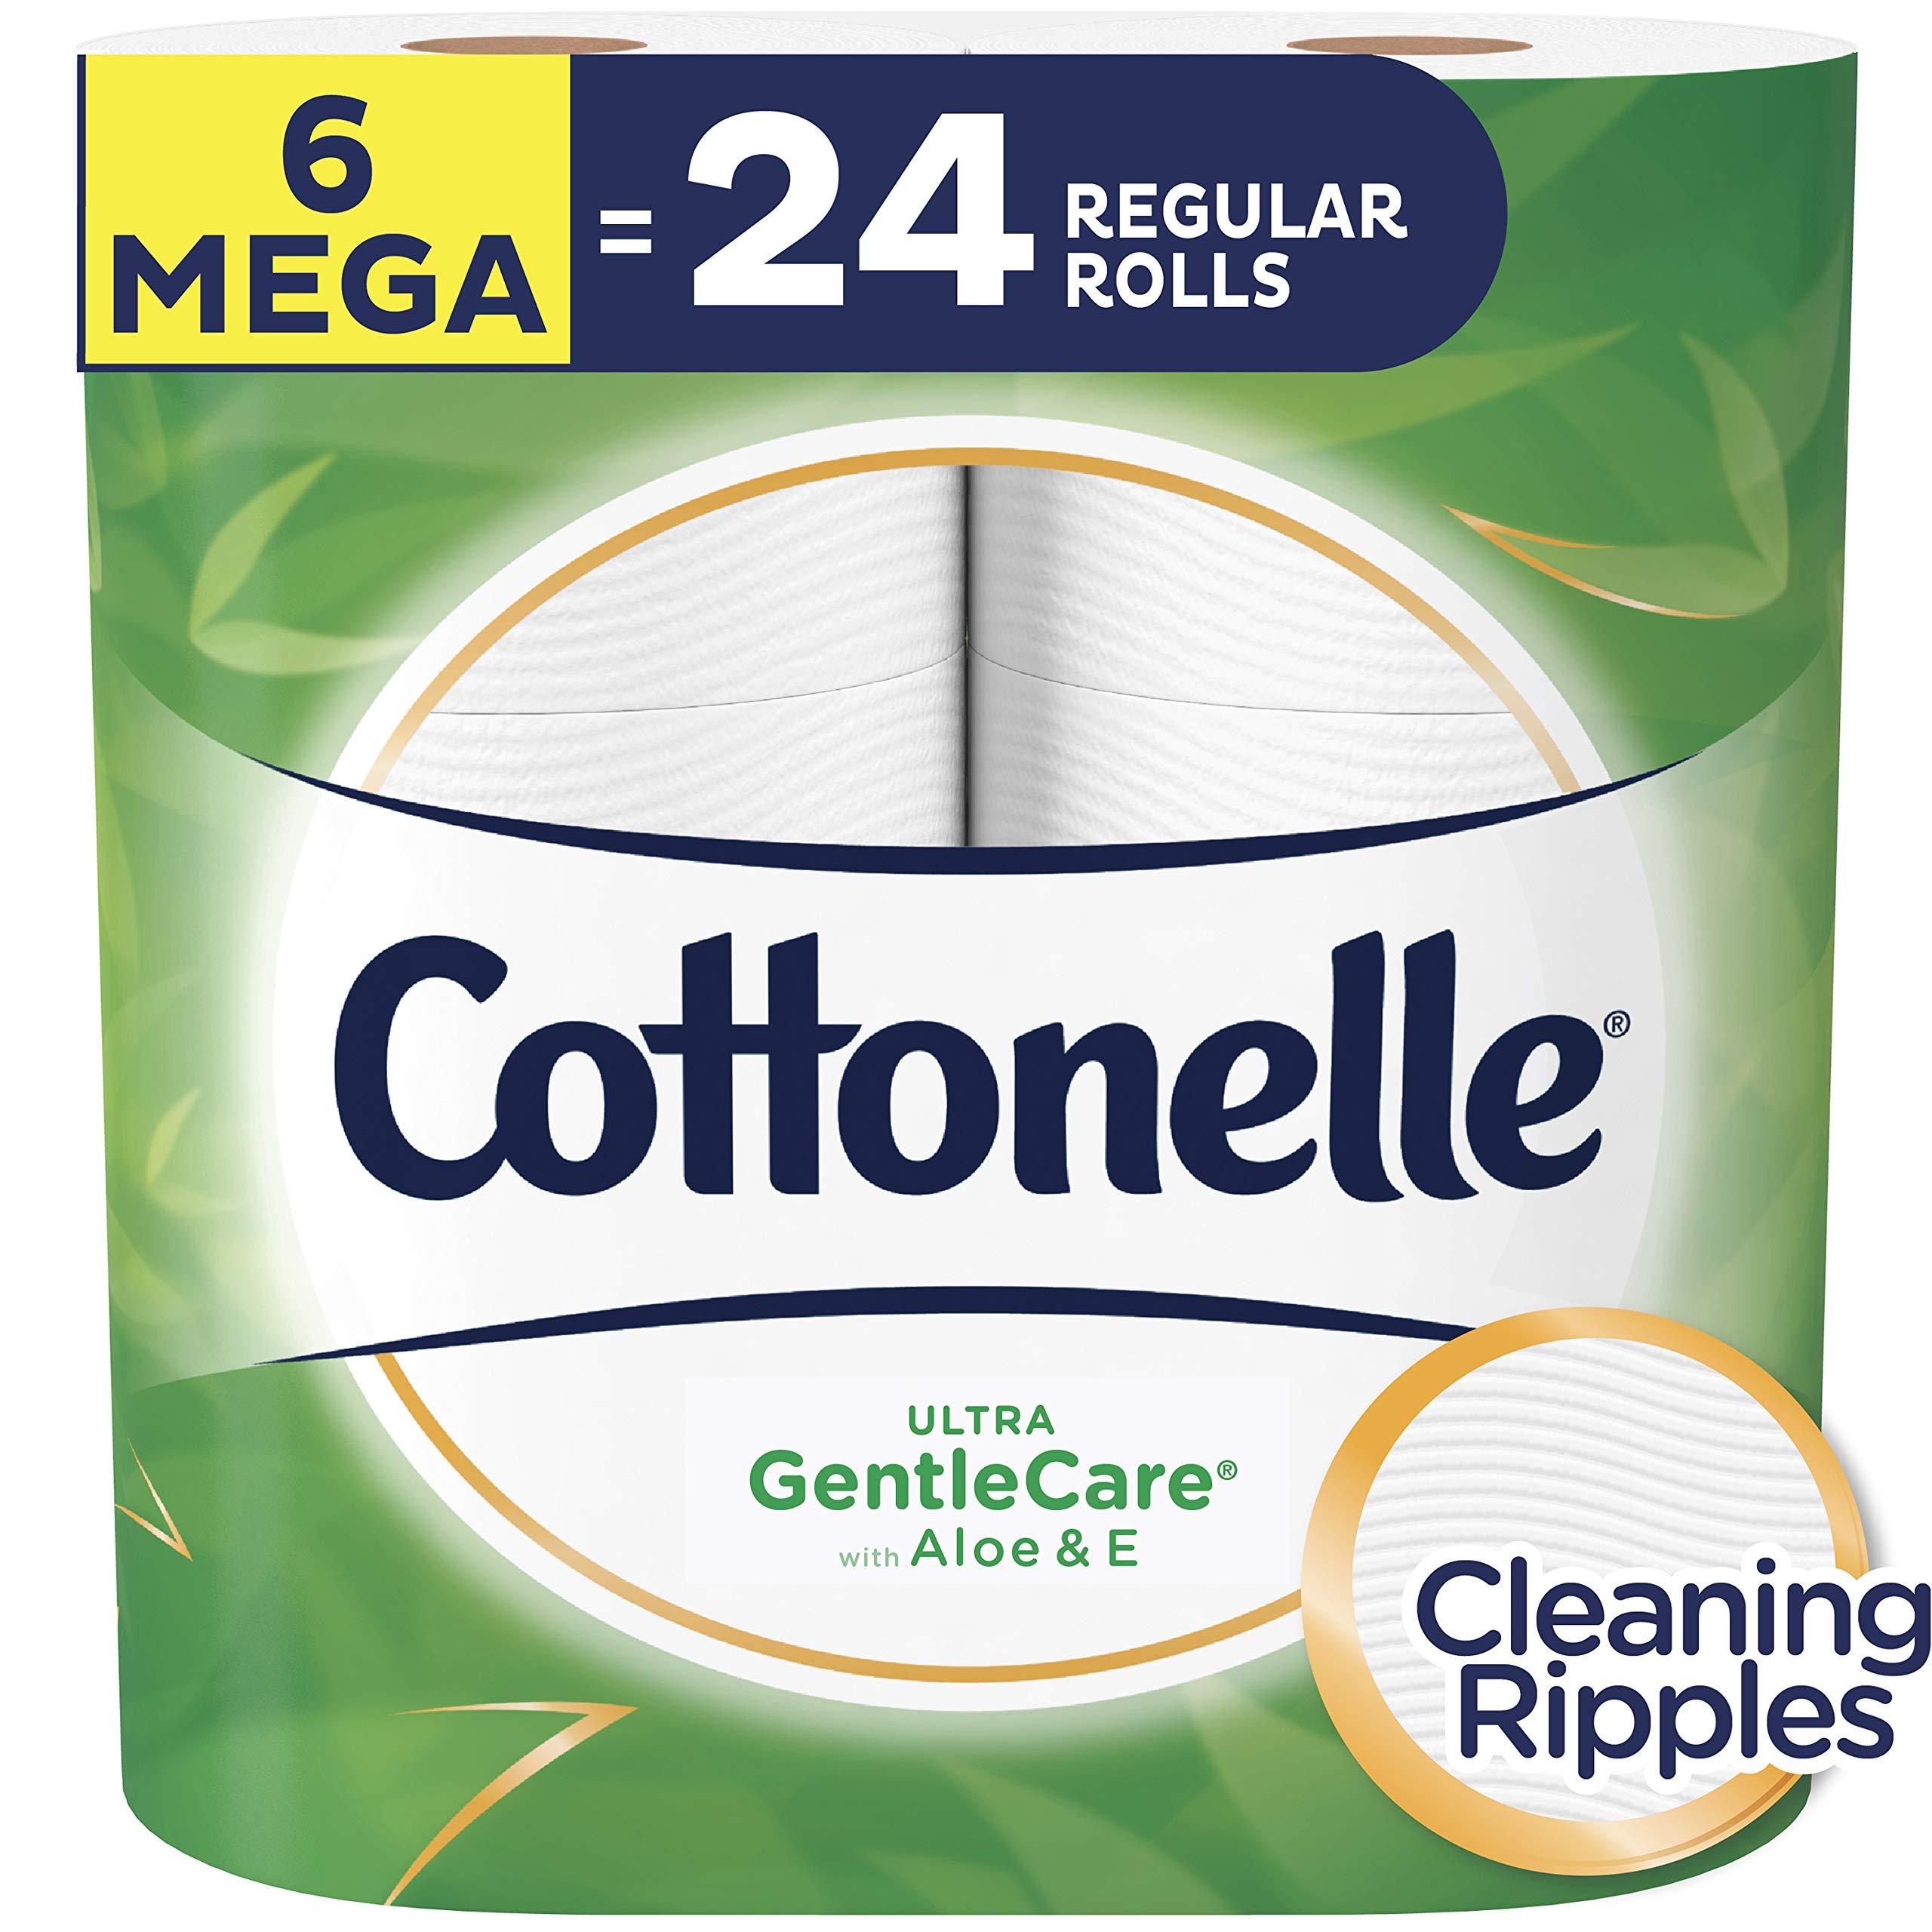 Cottonelle Ultra GentleCare Toilet Paper, 6 Mega Rolls, Sensitive Bath Tissue with Aloe & Vitamin E